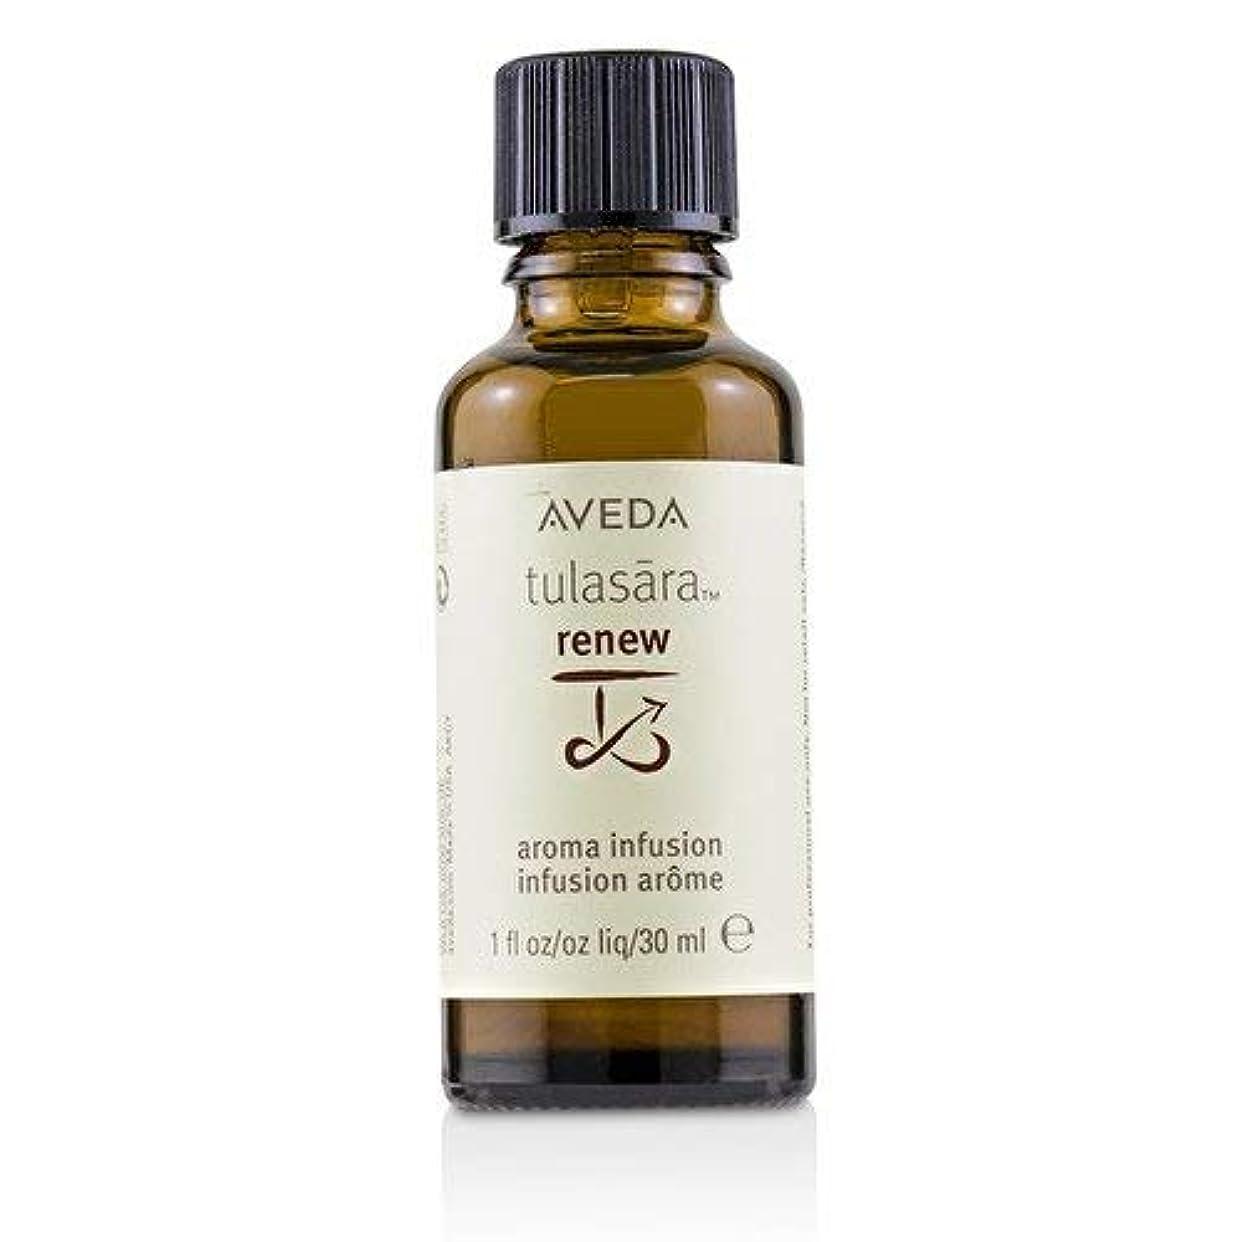 旅健康的効能アヴェダ Tulasara Aroma Infusion - Renew (Professional Product) 30ml/1oz並行輸入品